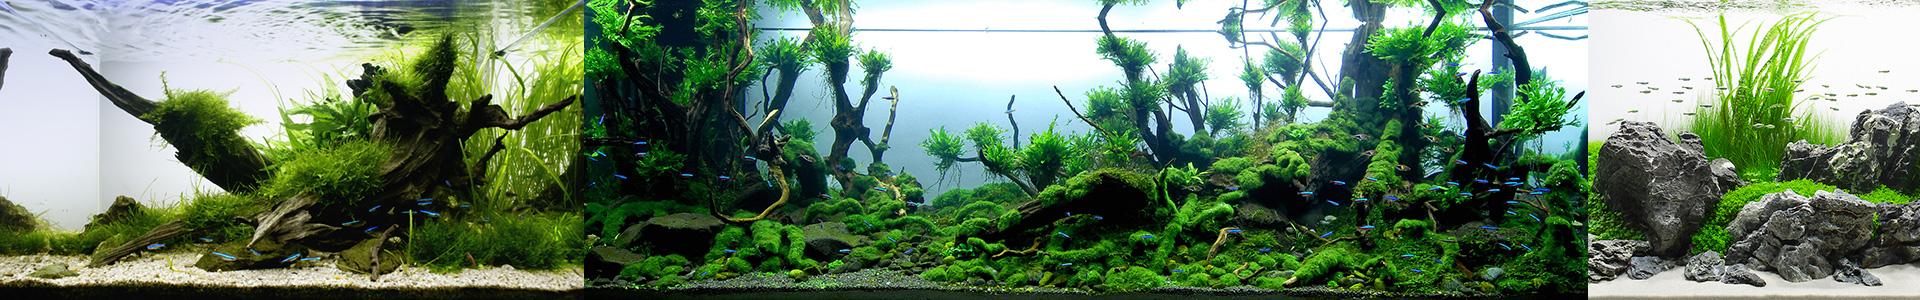 Аквариумы с живыми растениями